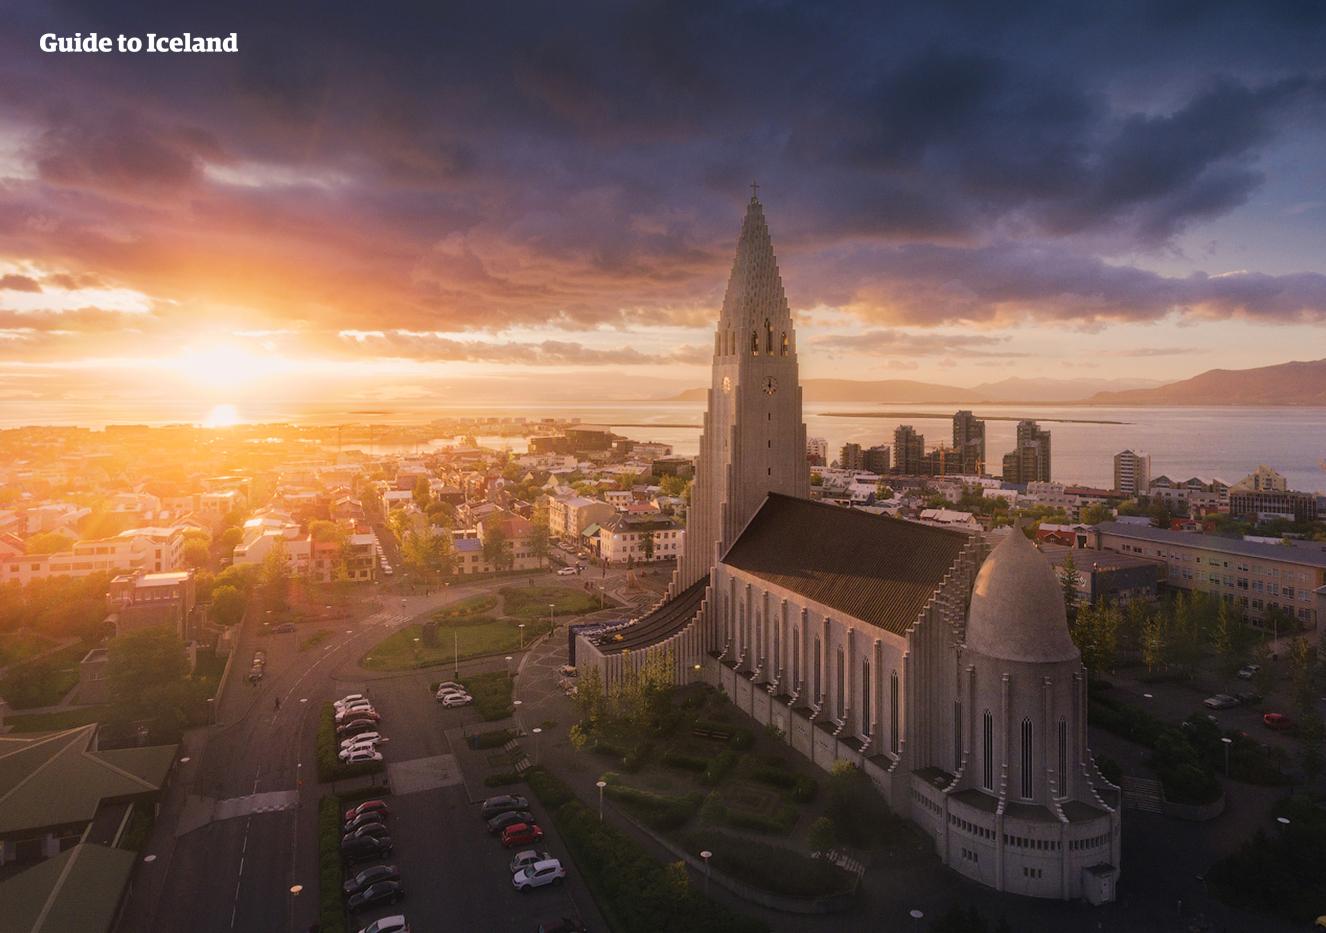 Reykjavík is een kleurrijke, culturele en eigenzinnige hoofdstad.